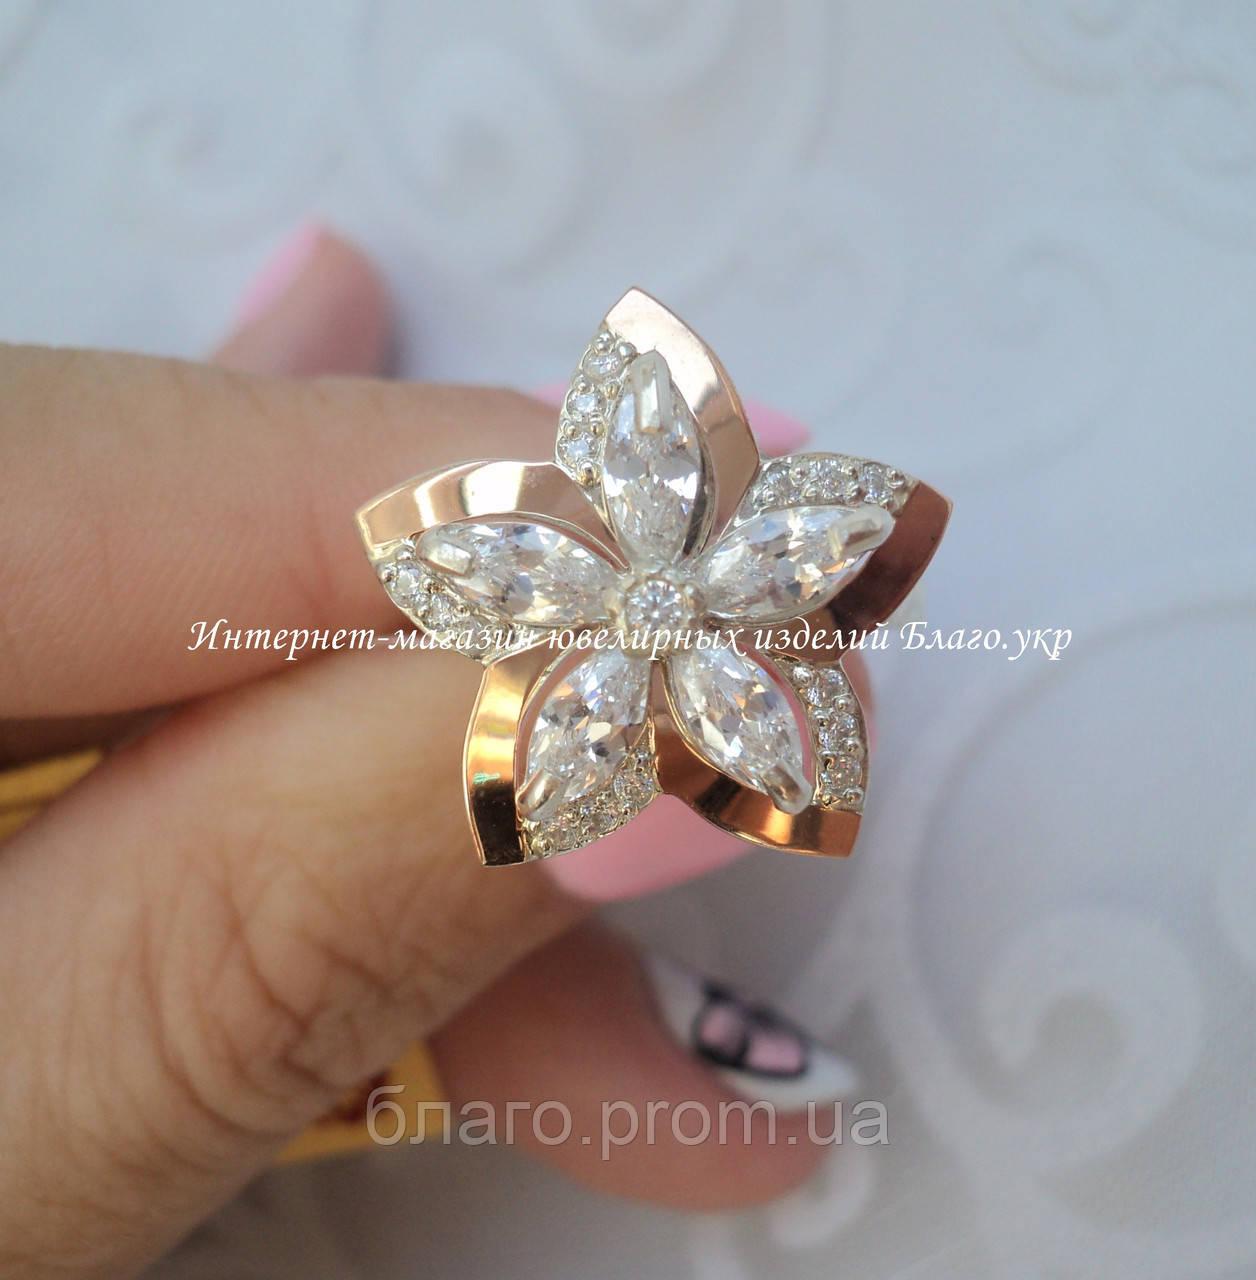 Кольцо серебряное 925 пробы с накладками золота 375 пробы.